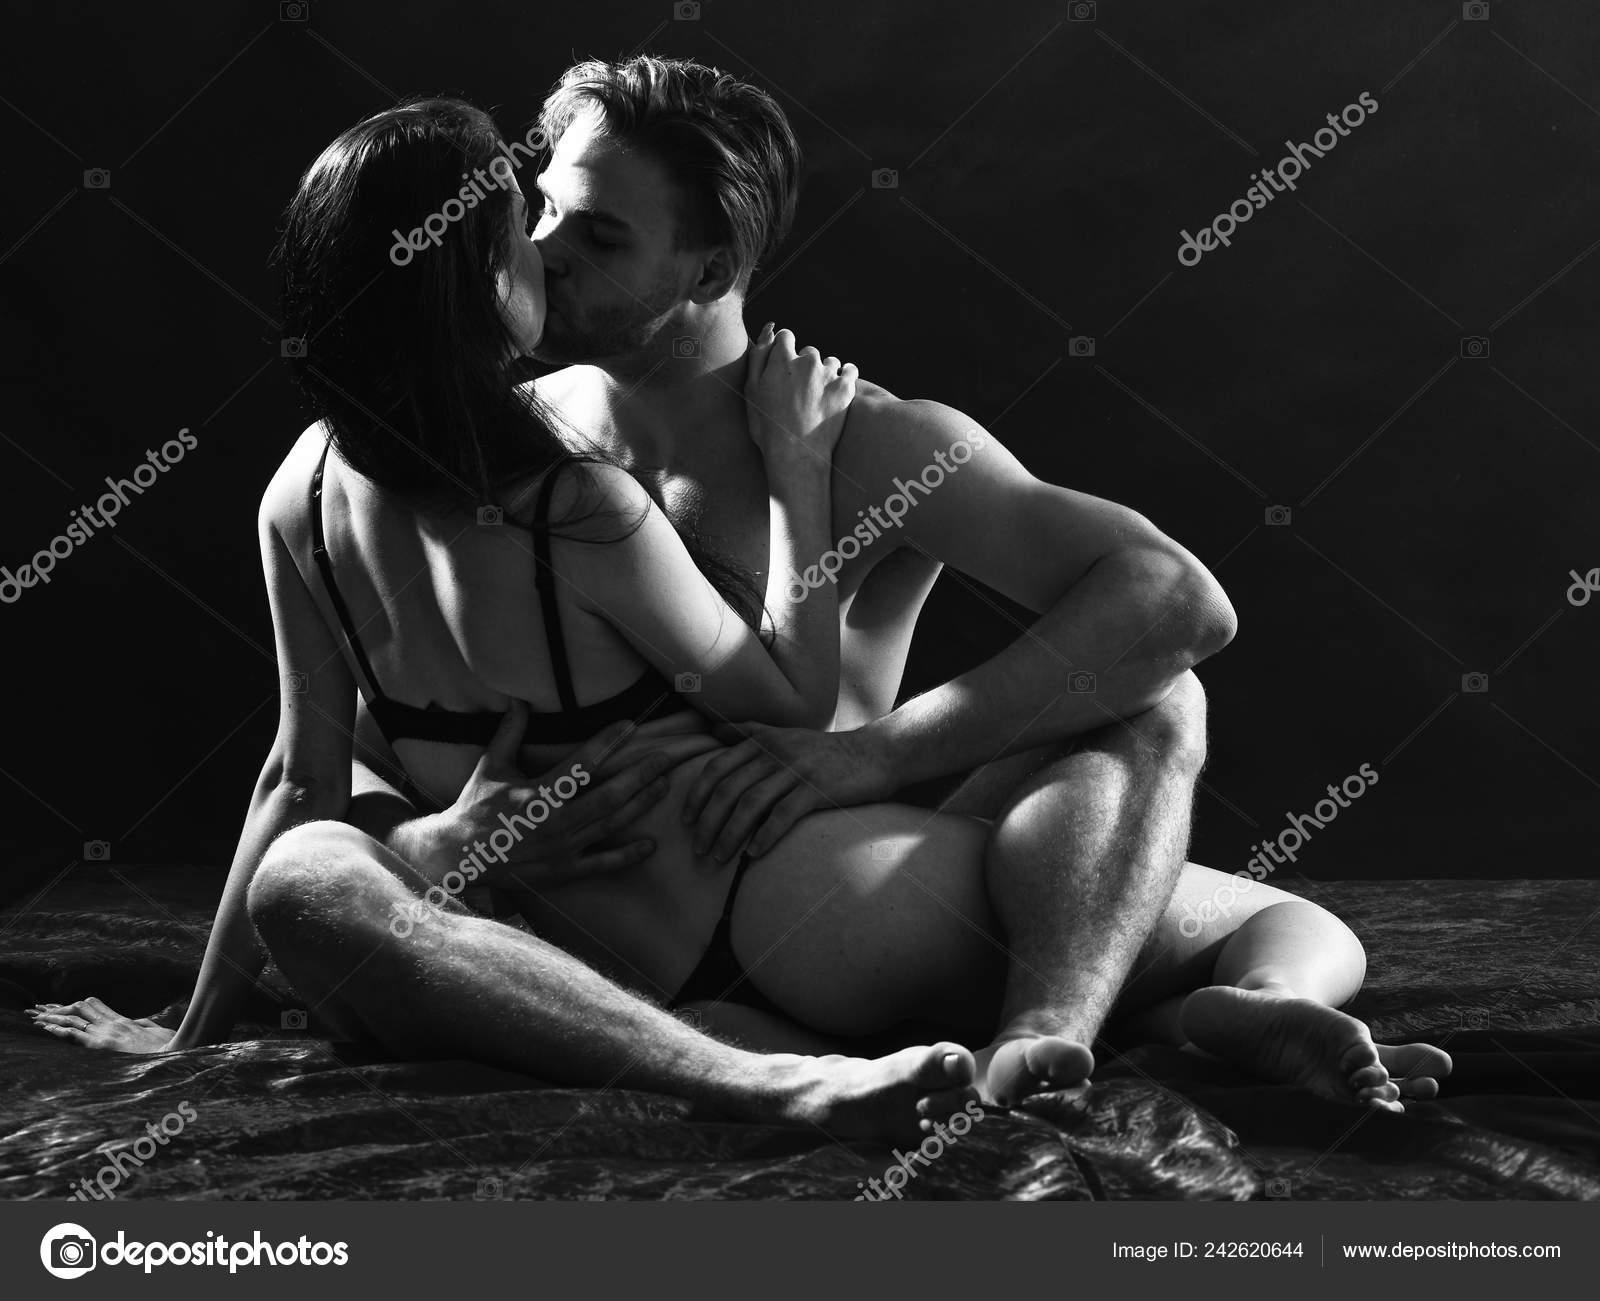 Hot couple sex black white image